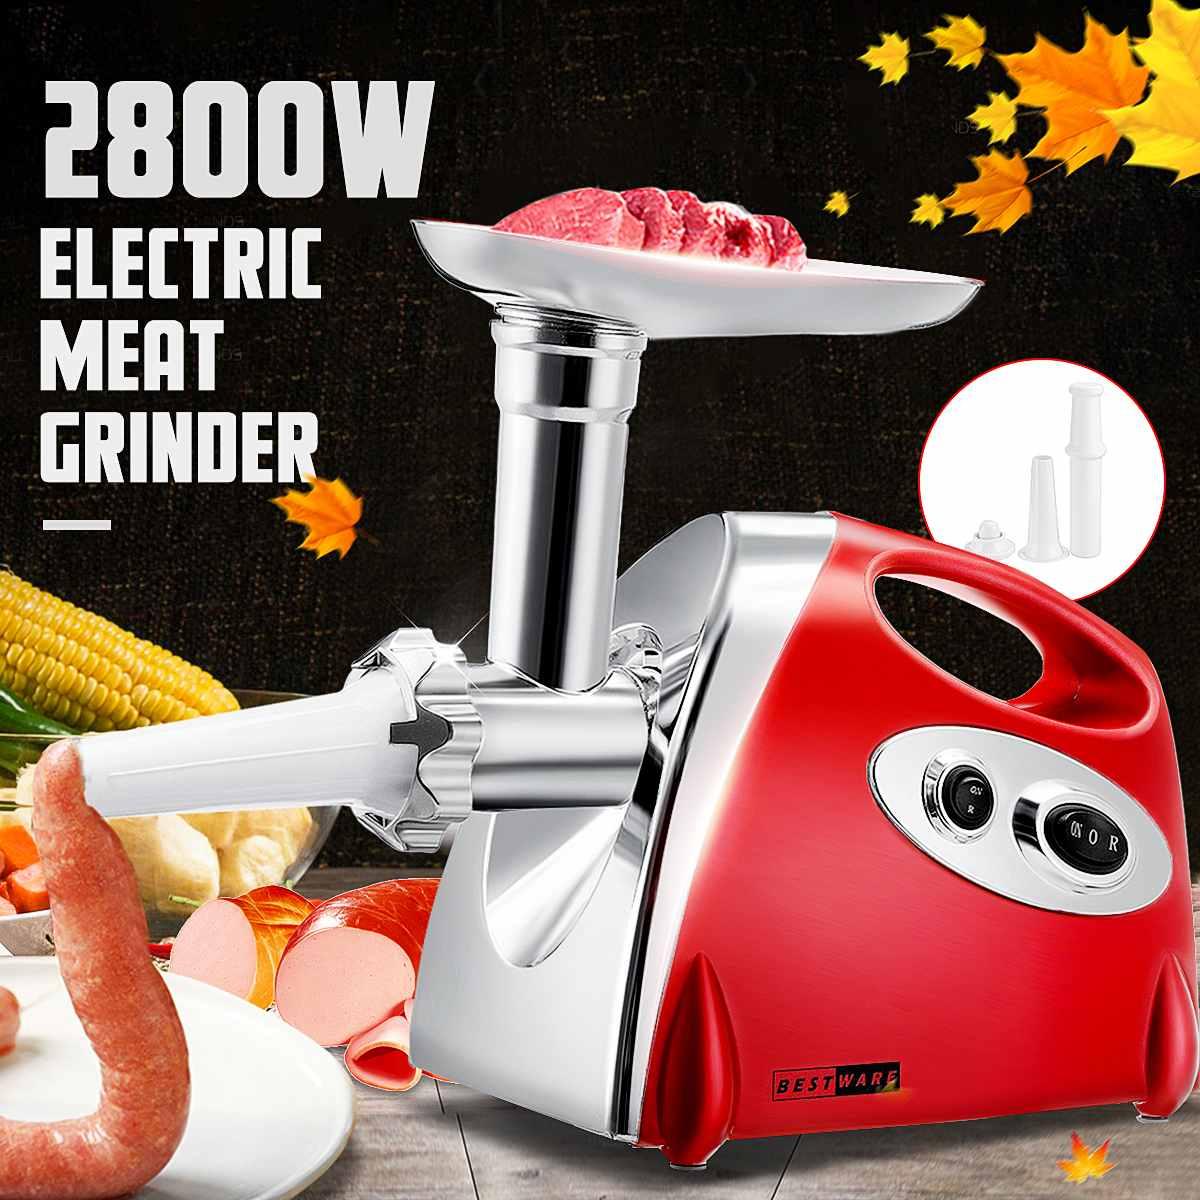 220V 2800W Kitchen Electric Meat Grinder Mincer Sausage Stuffer Maker Filler Machine Food Processor Meat Slicer For Pie Patty